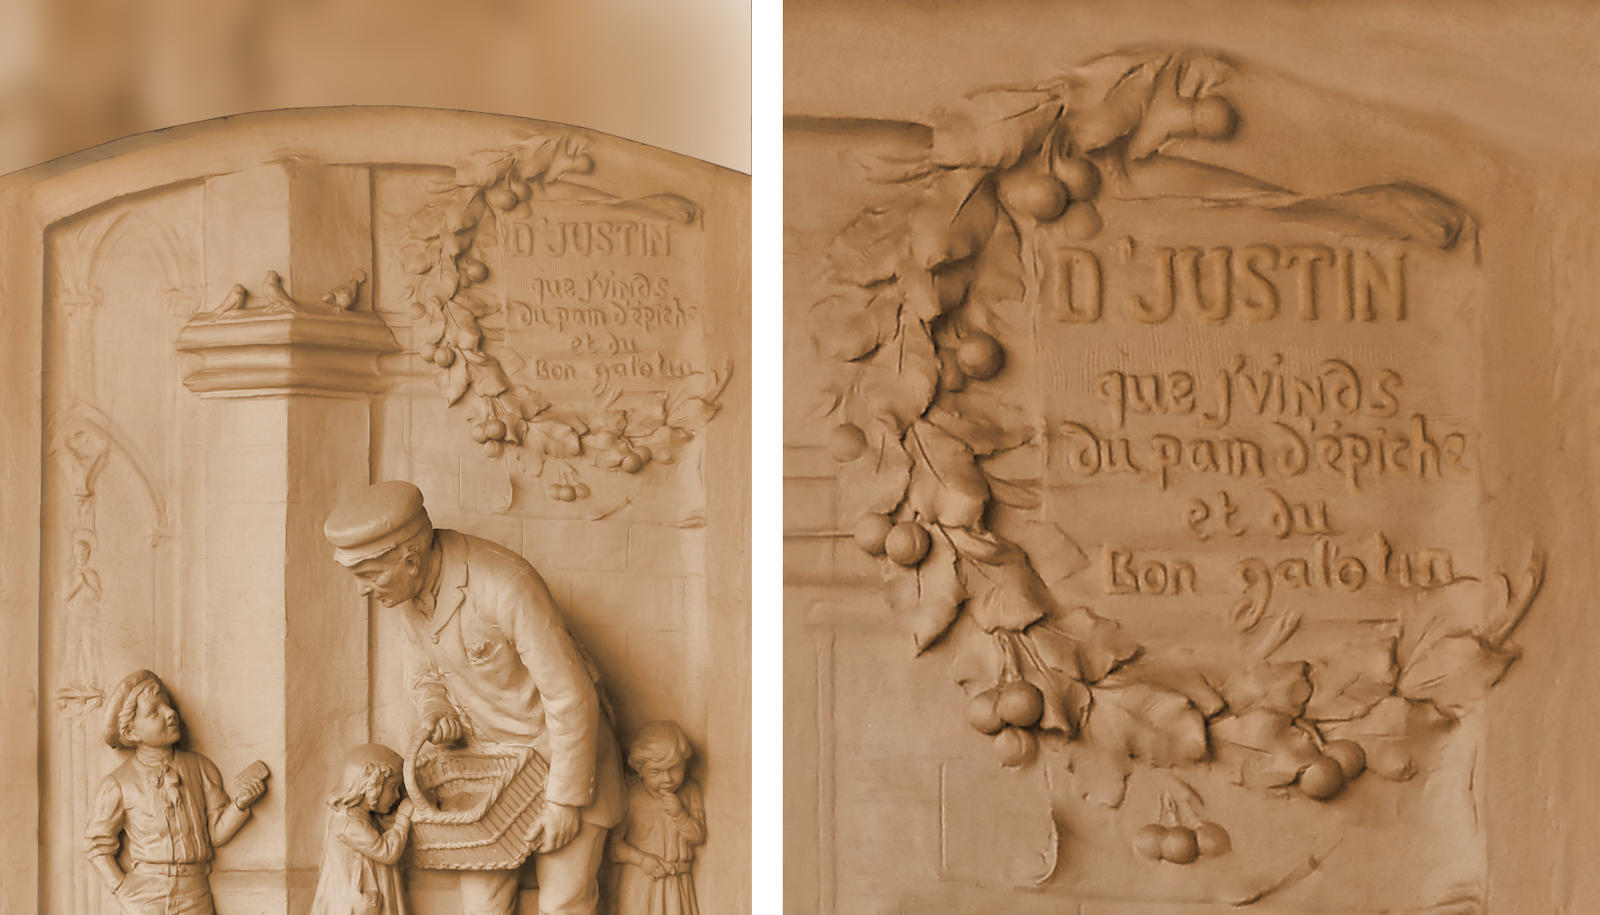 Maison du Broutteux, Tourcoing - Inscription Haut relief D'Justin